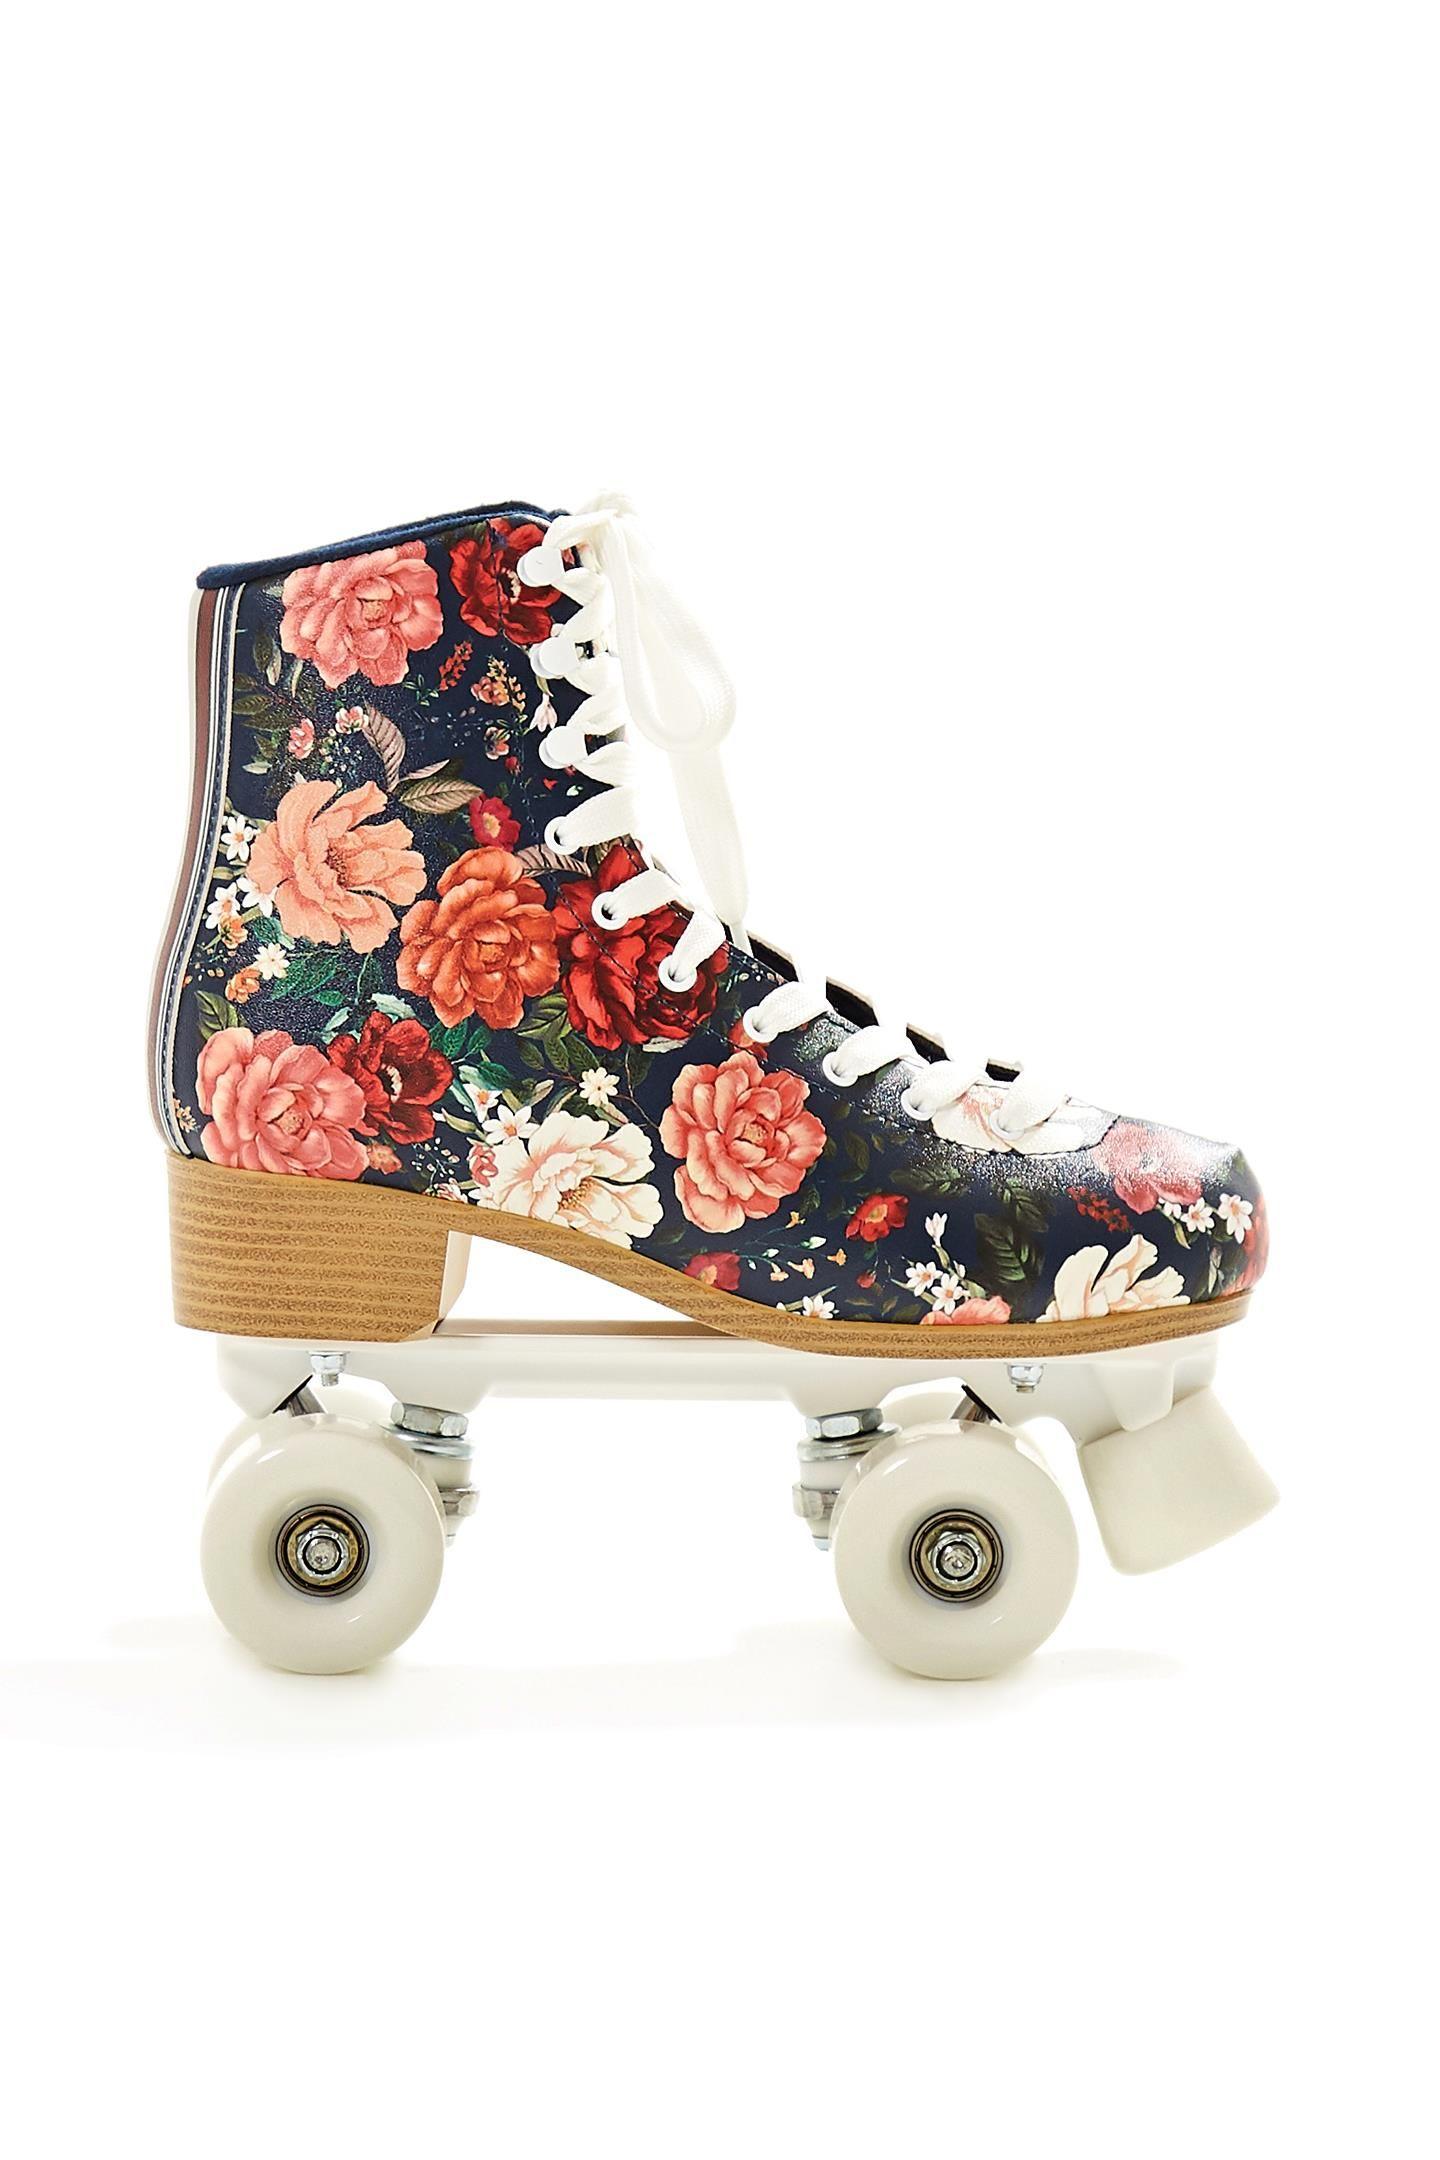 Patins vintage  conheça o modelo da Antix e saiba aonde comprar!   Fashion  News!   Pinterest   Roller skating, Skater girls e Skate surf 511bf8c130